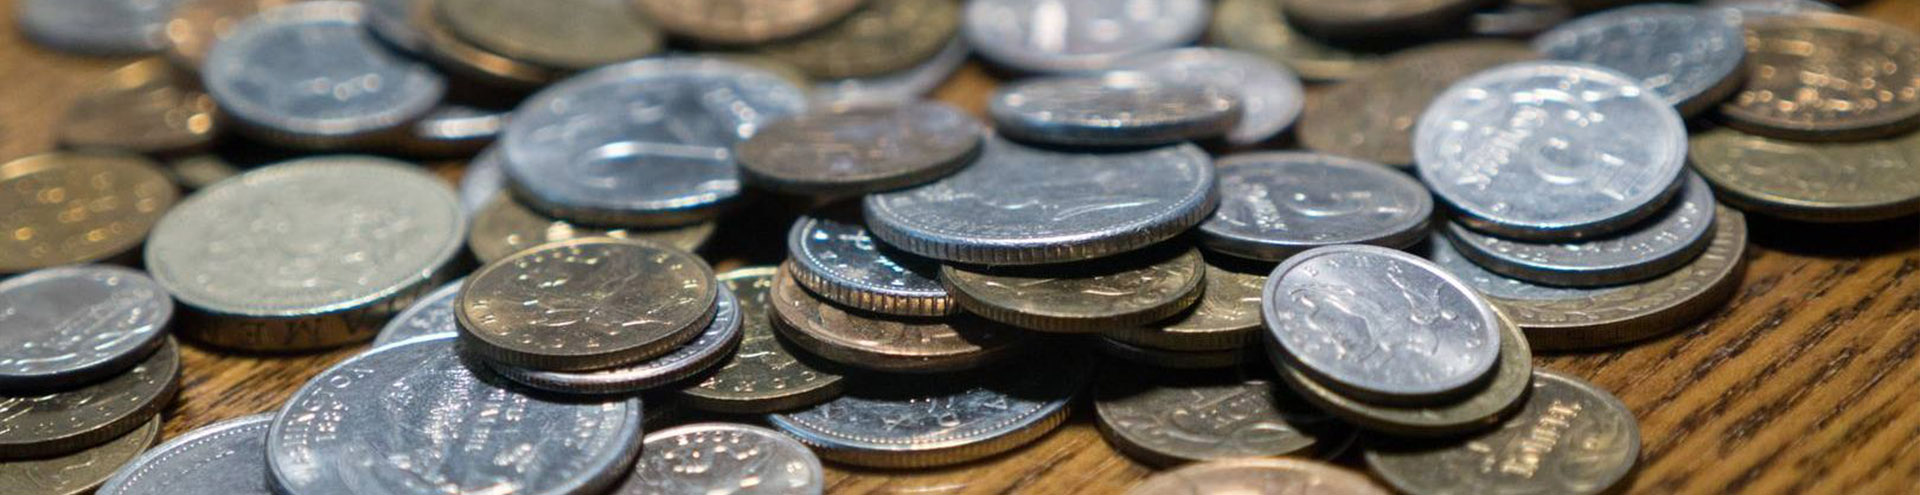 судебное взыскание долгов в Ярославле